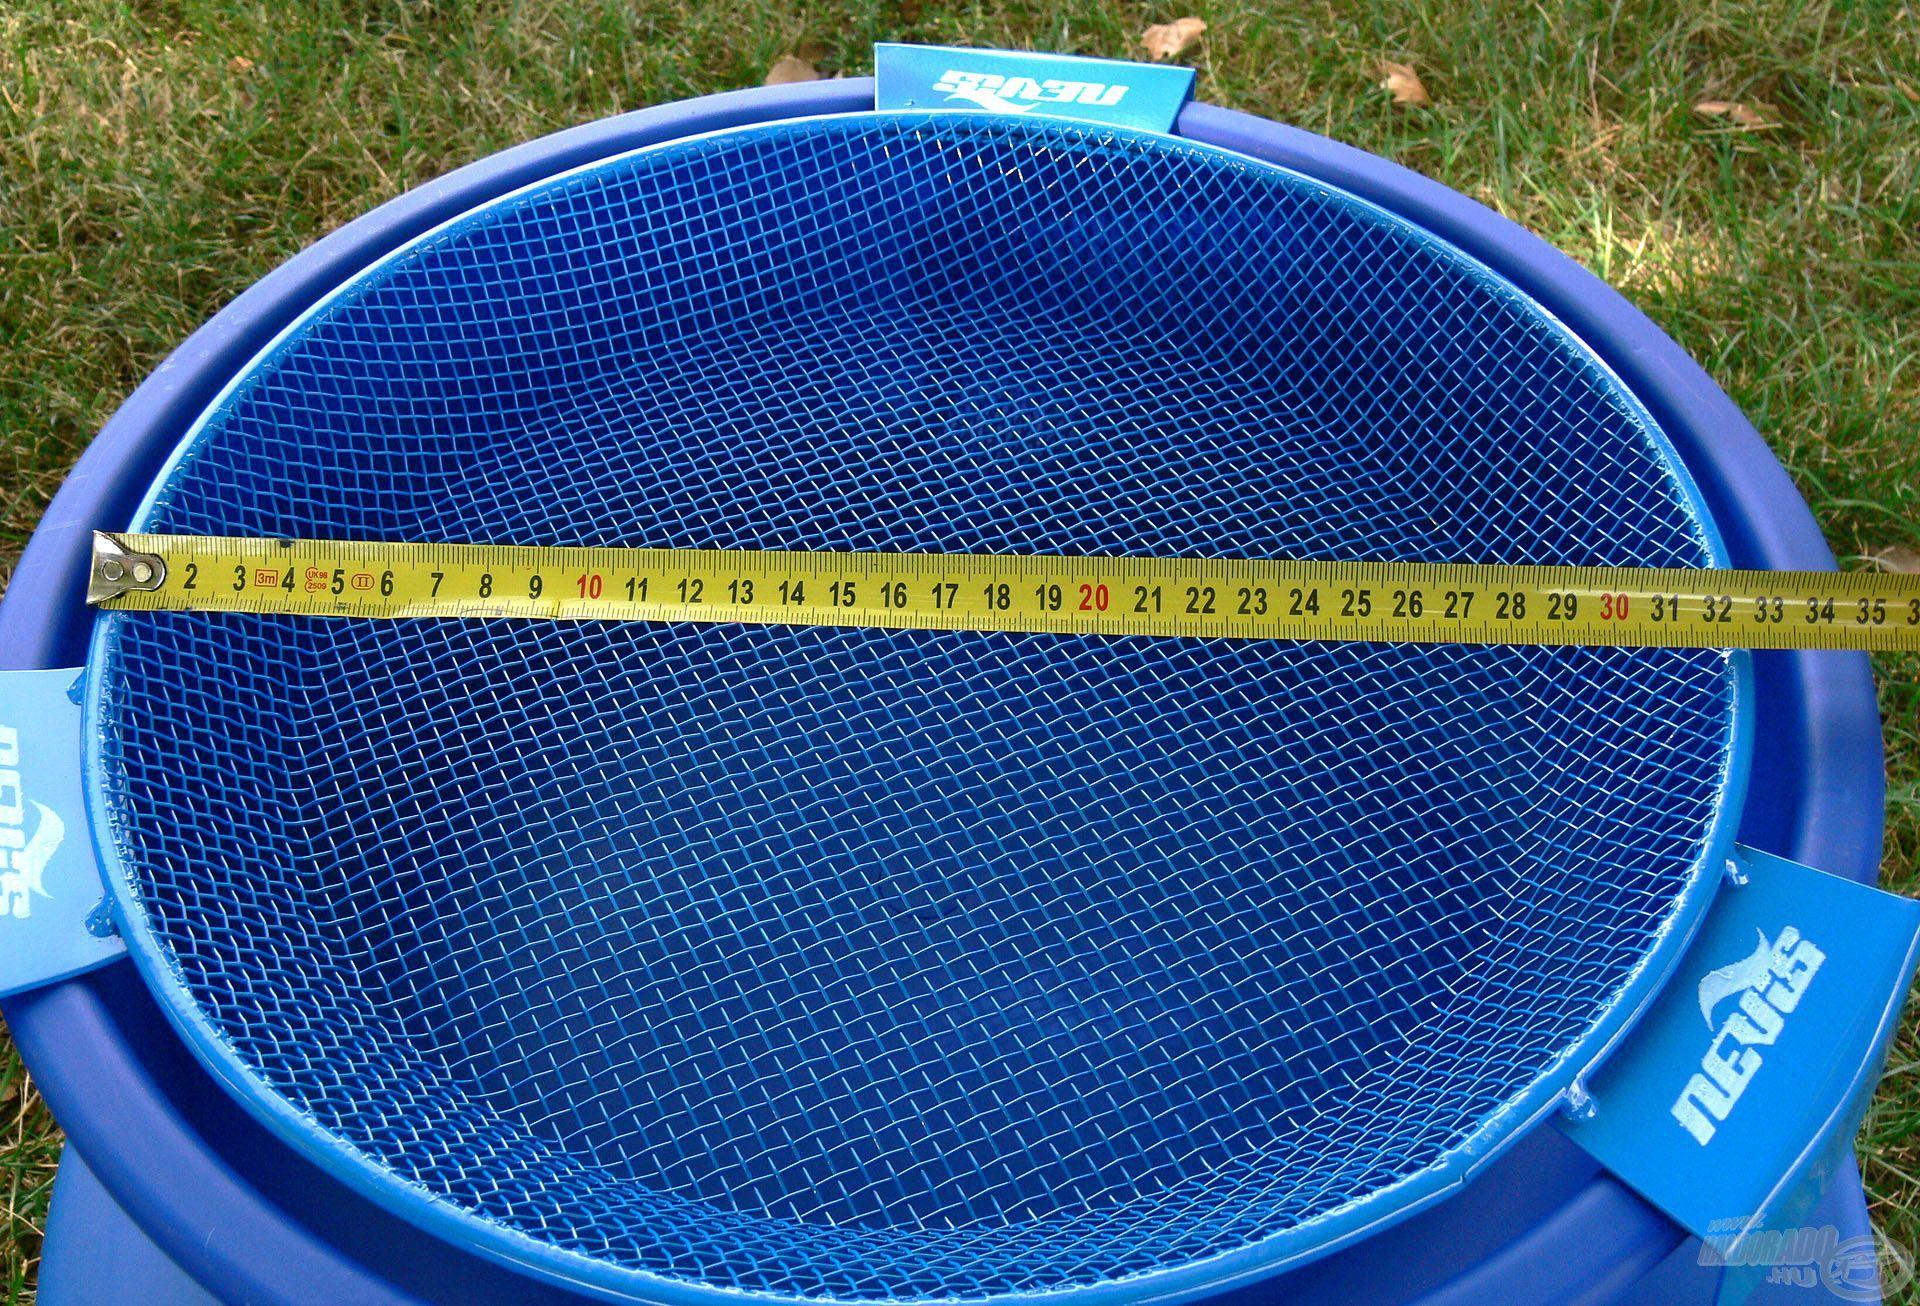 E kiegészítő átmérője 34 cm, ezáltal a legtöbb kereskedelmi forgalomban lévő etetőanyag rosta típussal kompatibilis